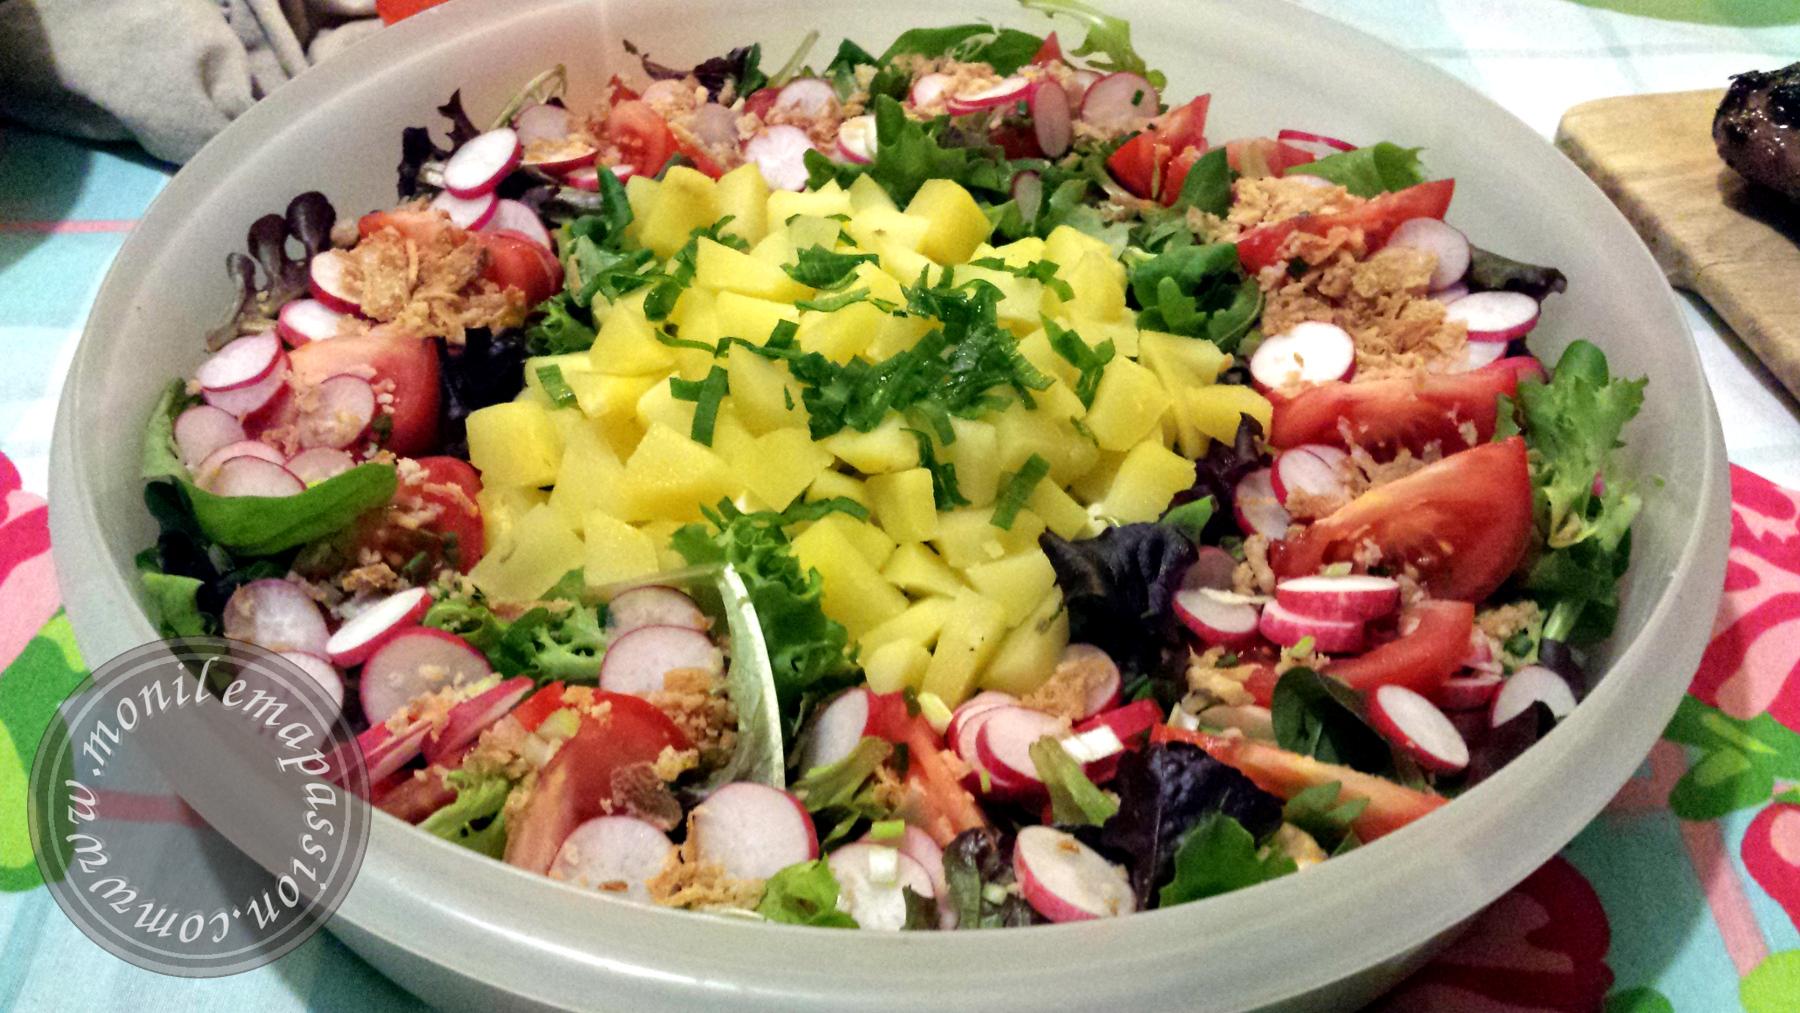 Salade composée #2 – Mixed Salad #2